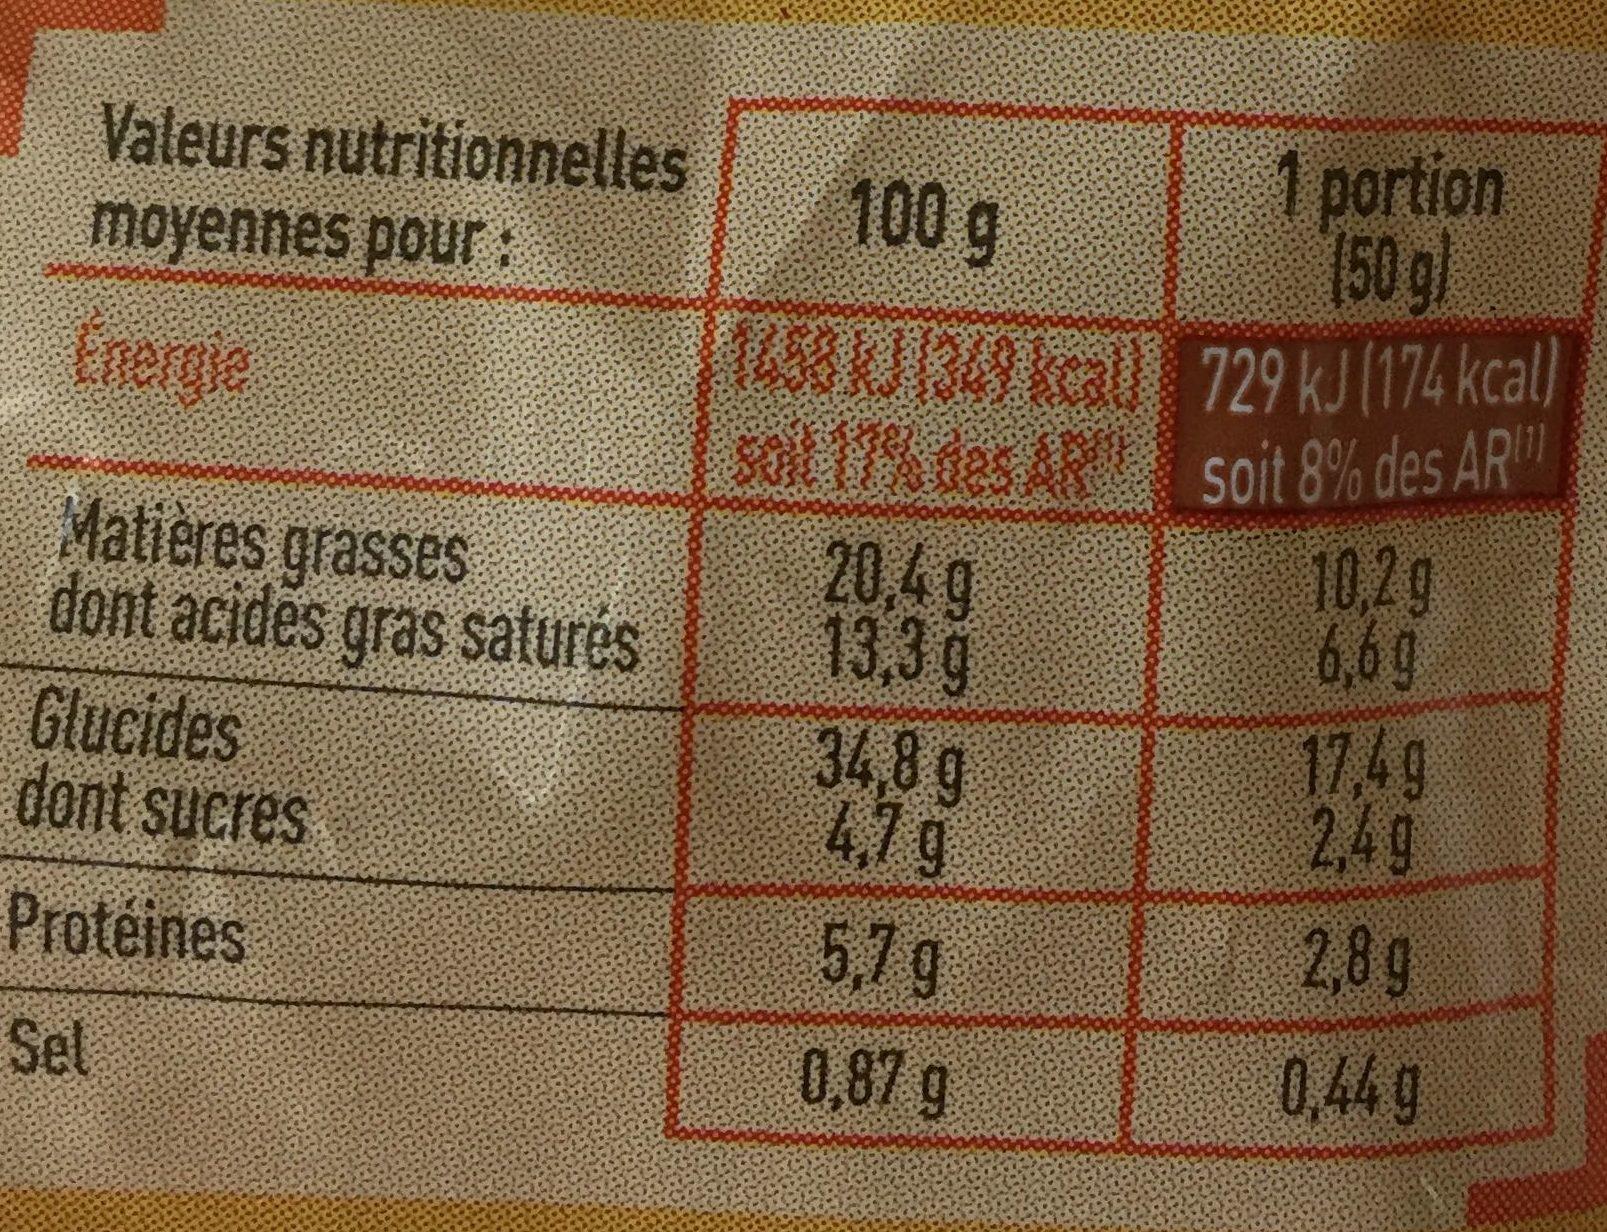 10 Mini croissants - Nutrition facts - fr